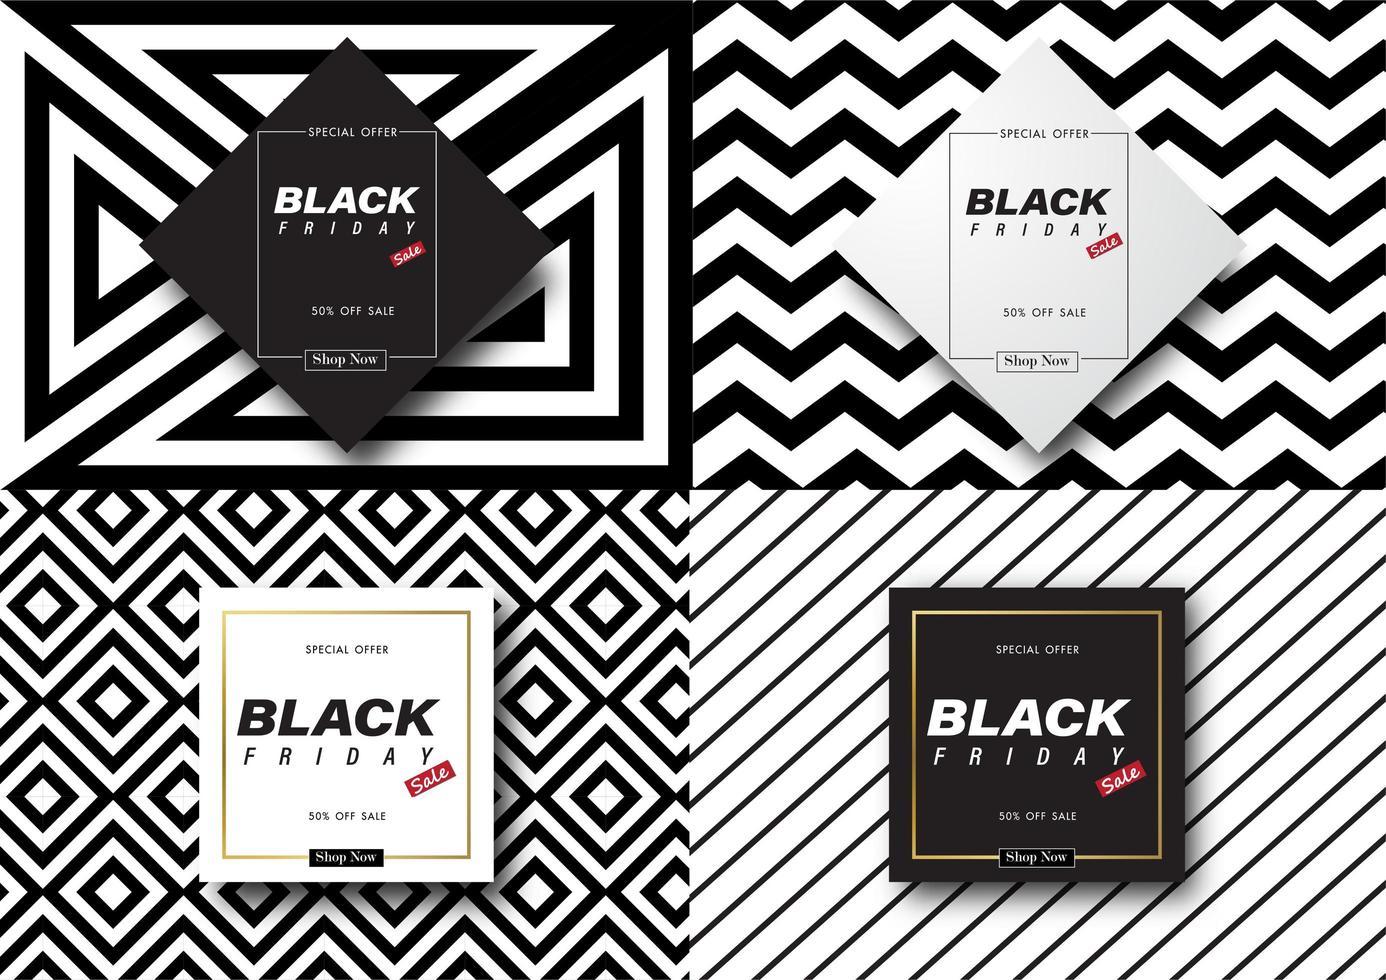 banner di vendita venerdì nero modello bianco e nero vettore